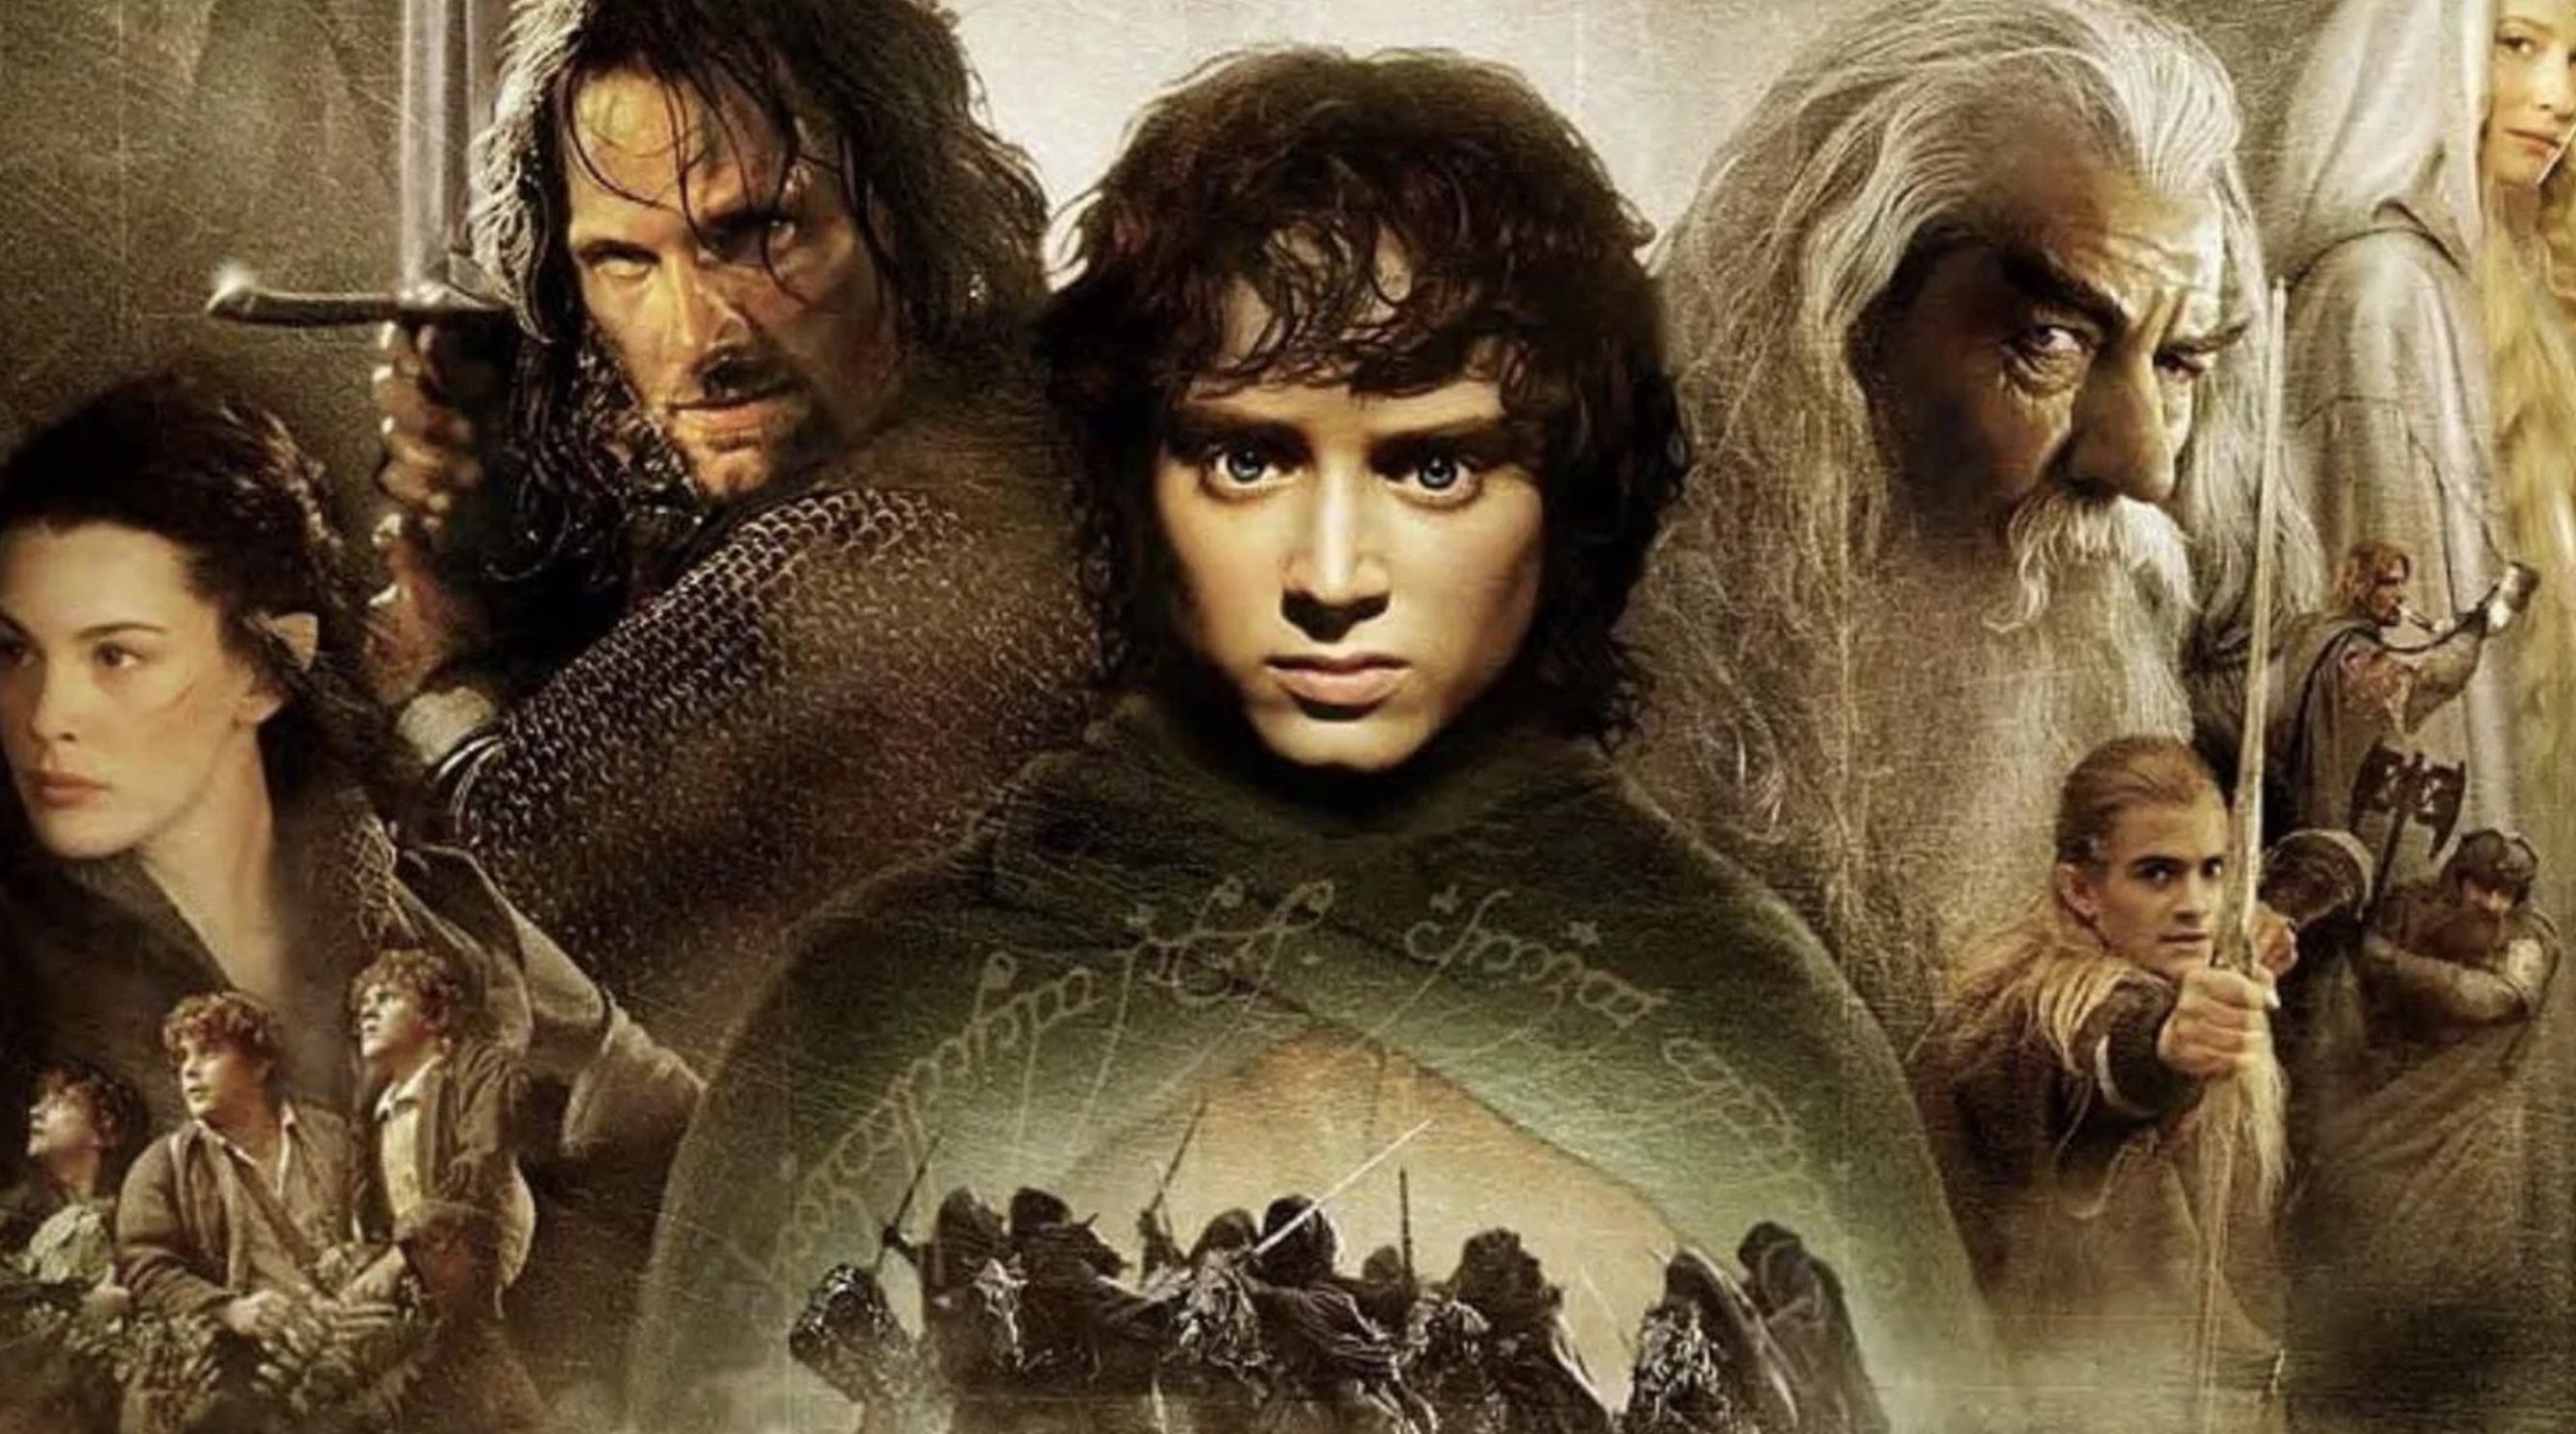 Un nouveau livre de JRR Tolkien 45 ans après sa mort